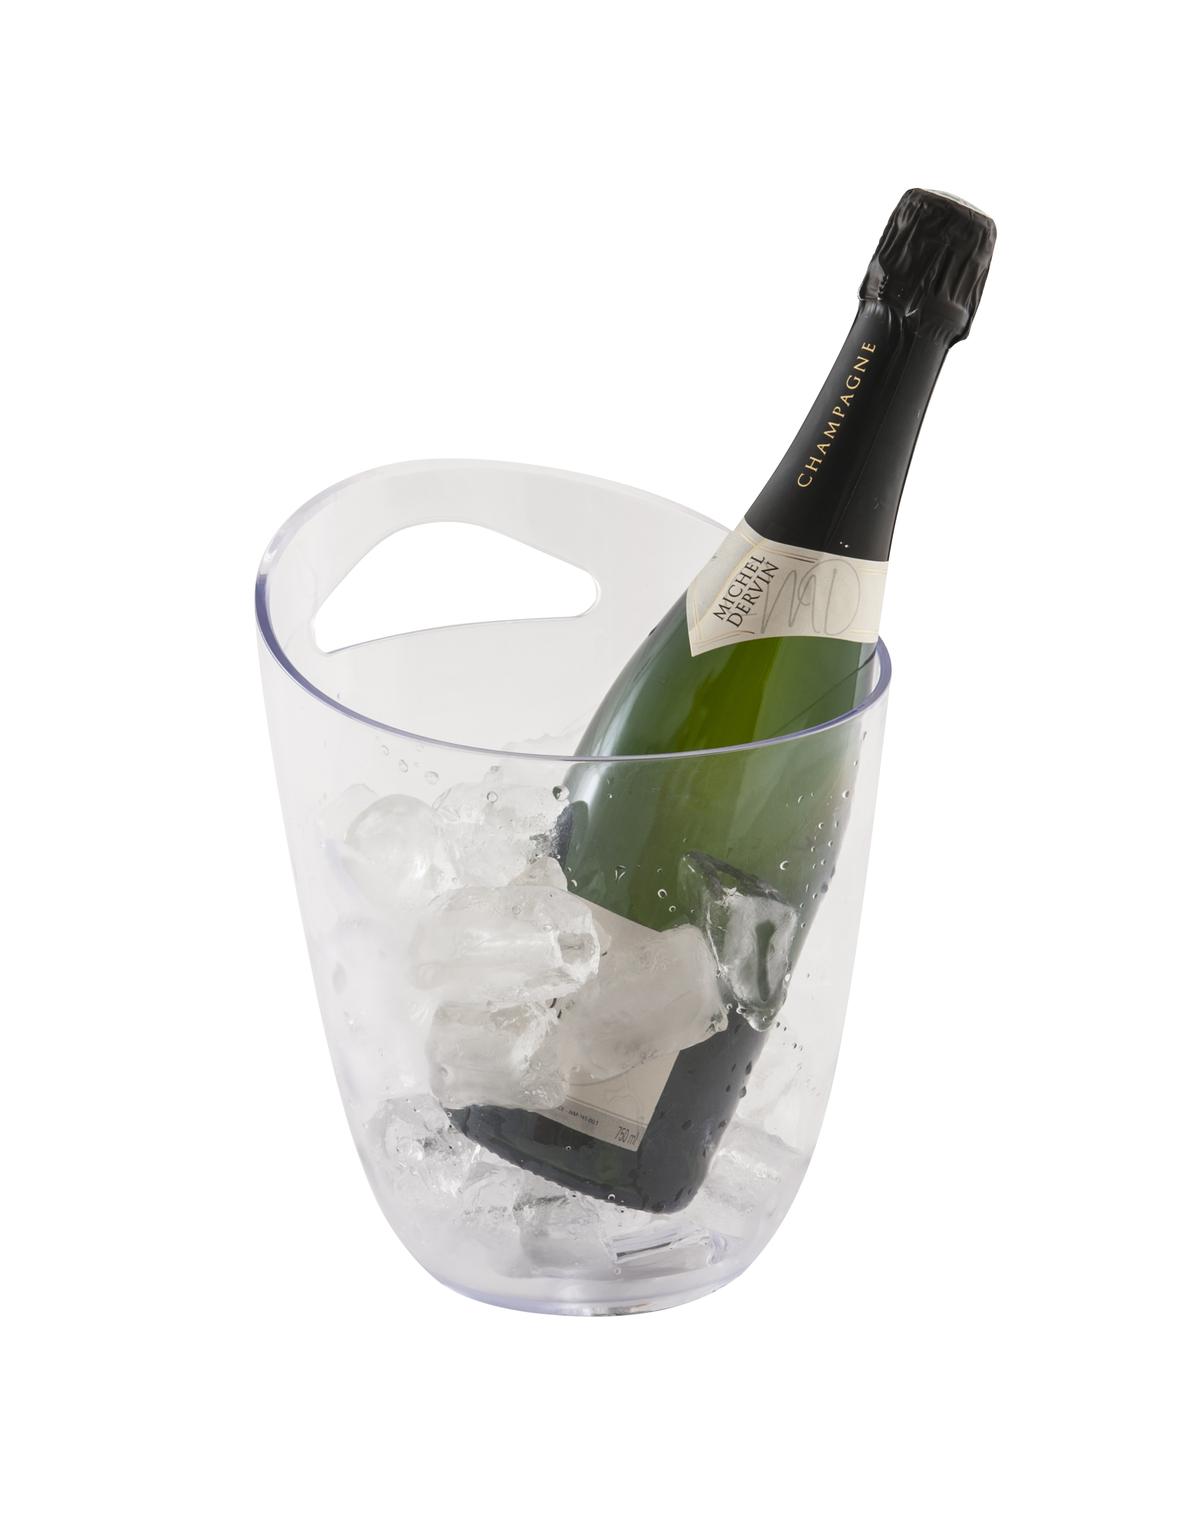 Seau à bouteille transparent 20,50 cm 3 cl Pro.mundi